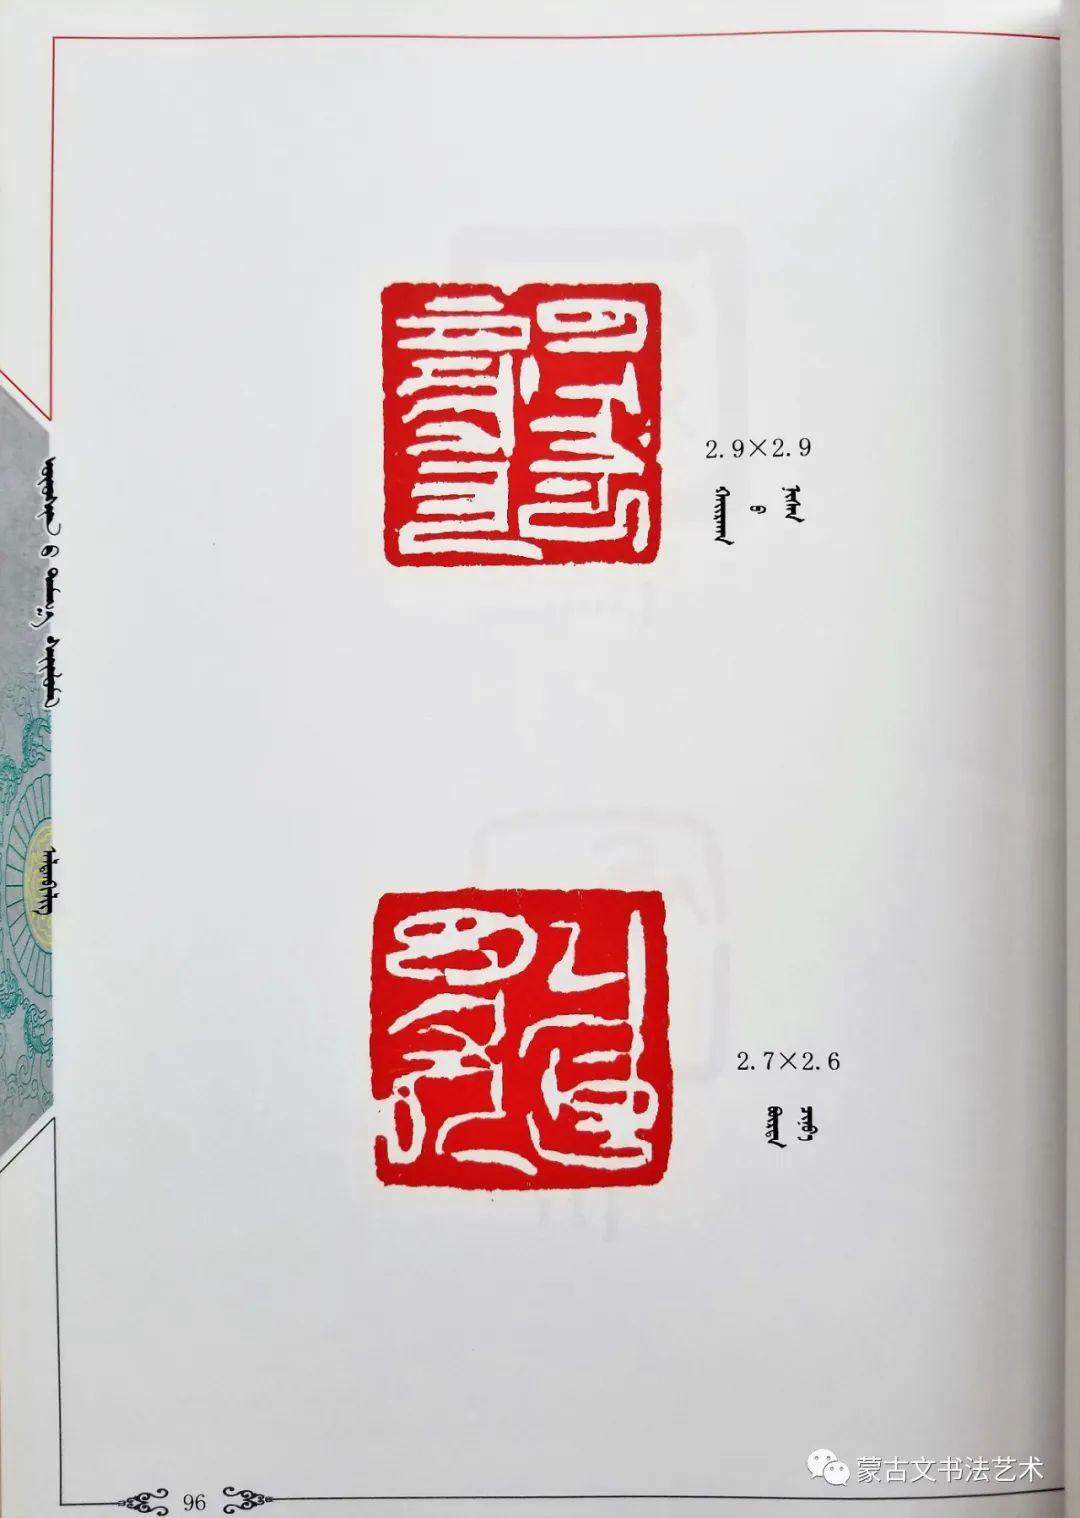 阿拉腾毕力格《乌审旗书法与篆刻精选》 第18张 阿拉腾毕力格《乌审旗书法与篆刻精选》 蒙古书法